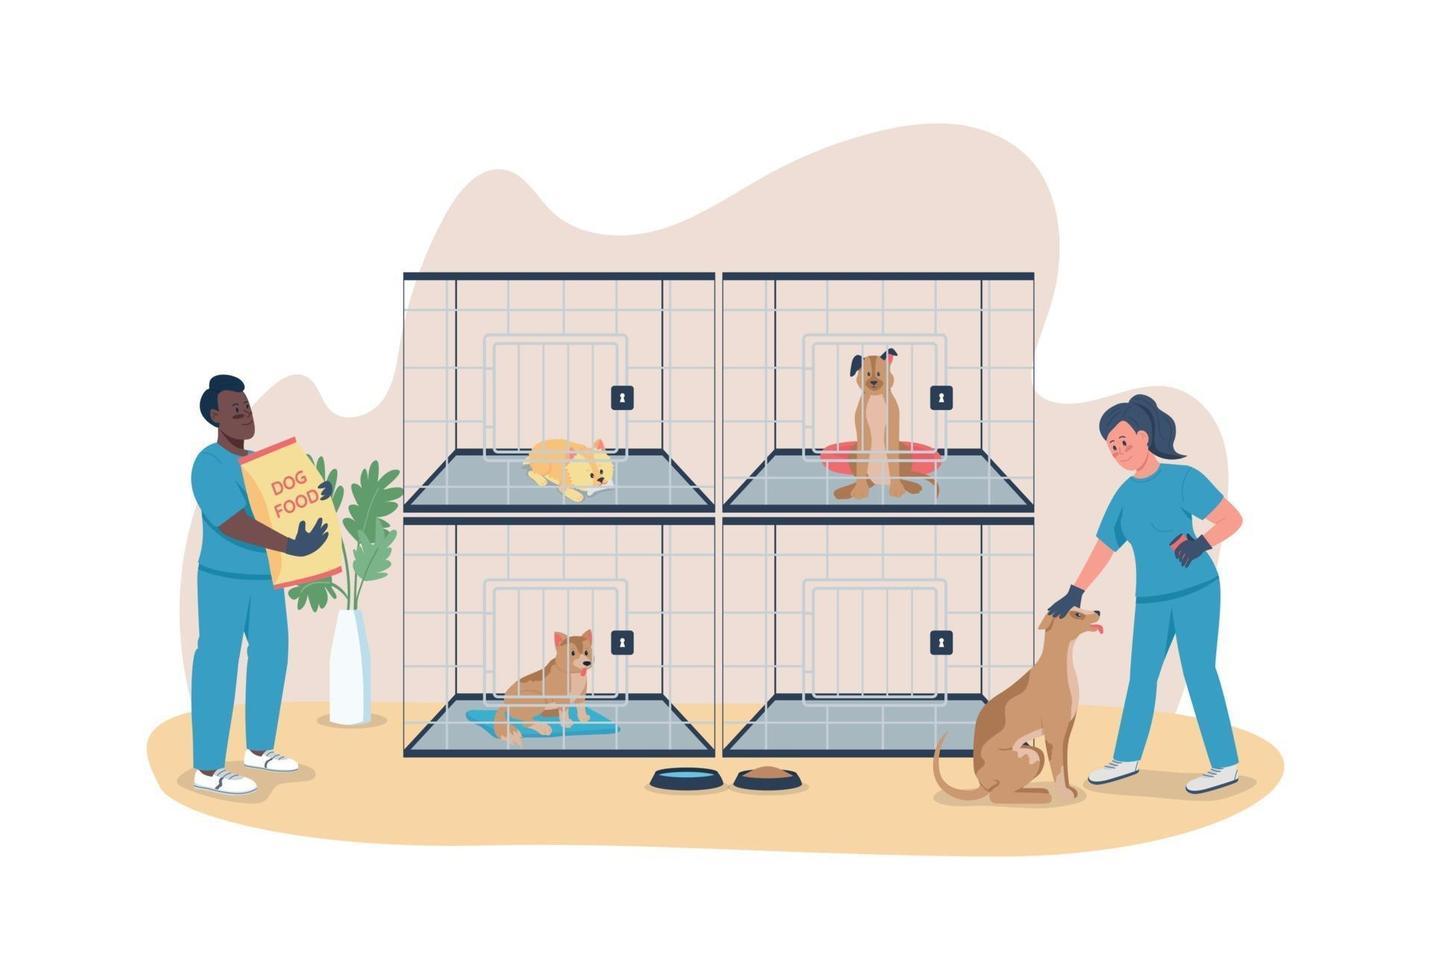 cuidado veterinario para perros banner web de vector 2d, cartel